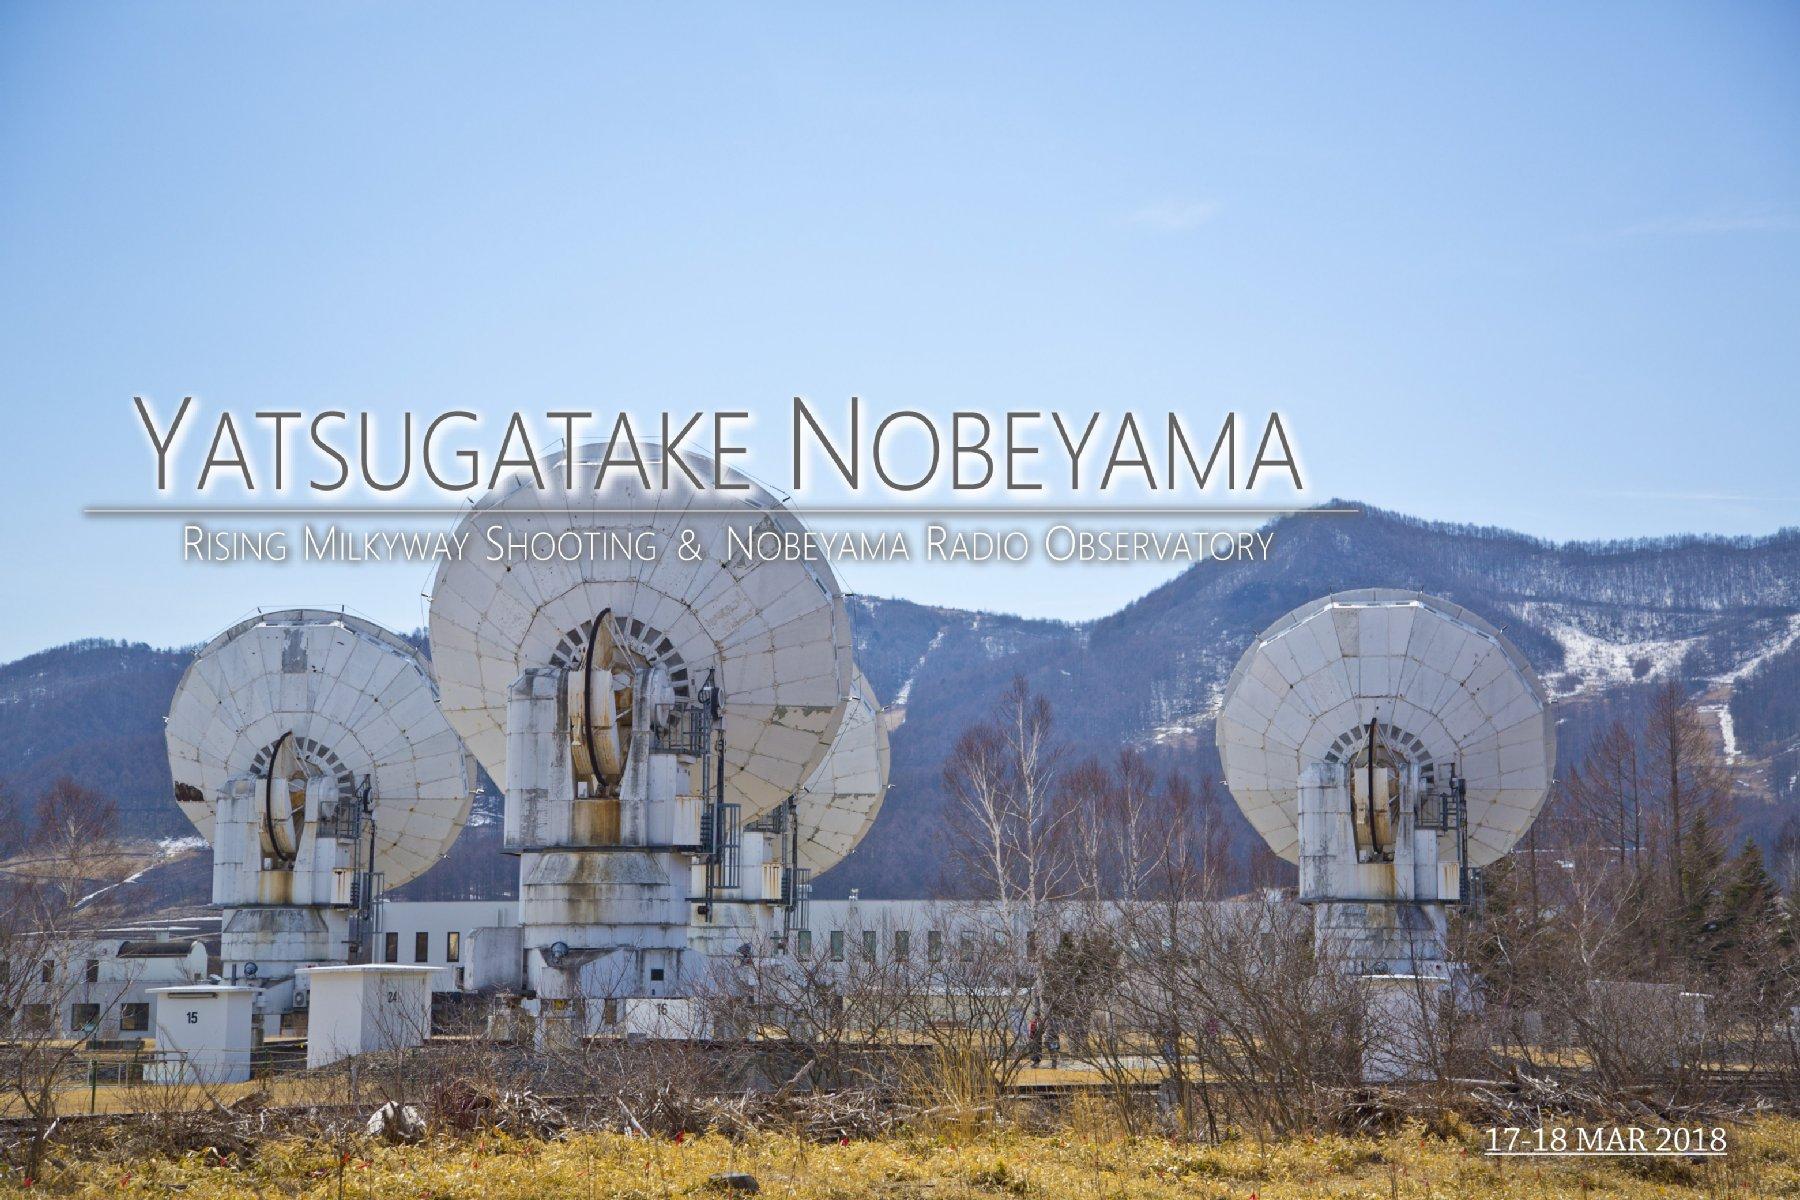 【天撮遠征】八ヶ岳・野辺山宇宙電波観測所